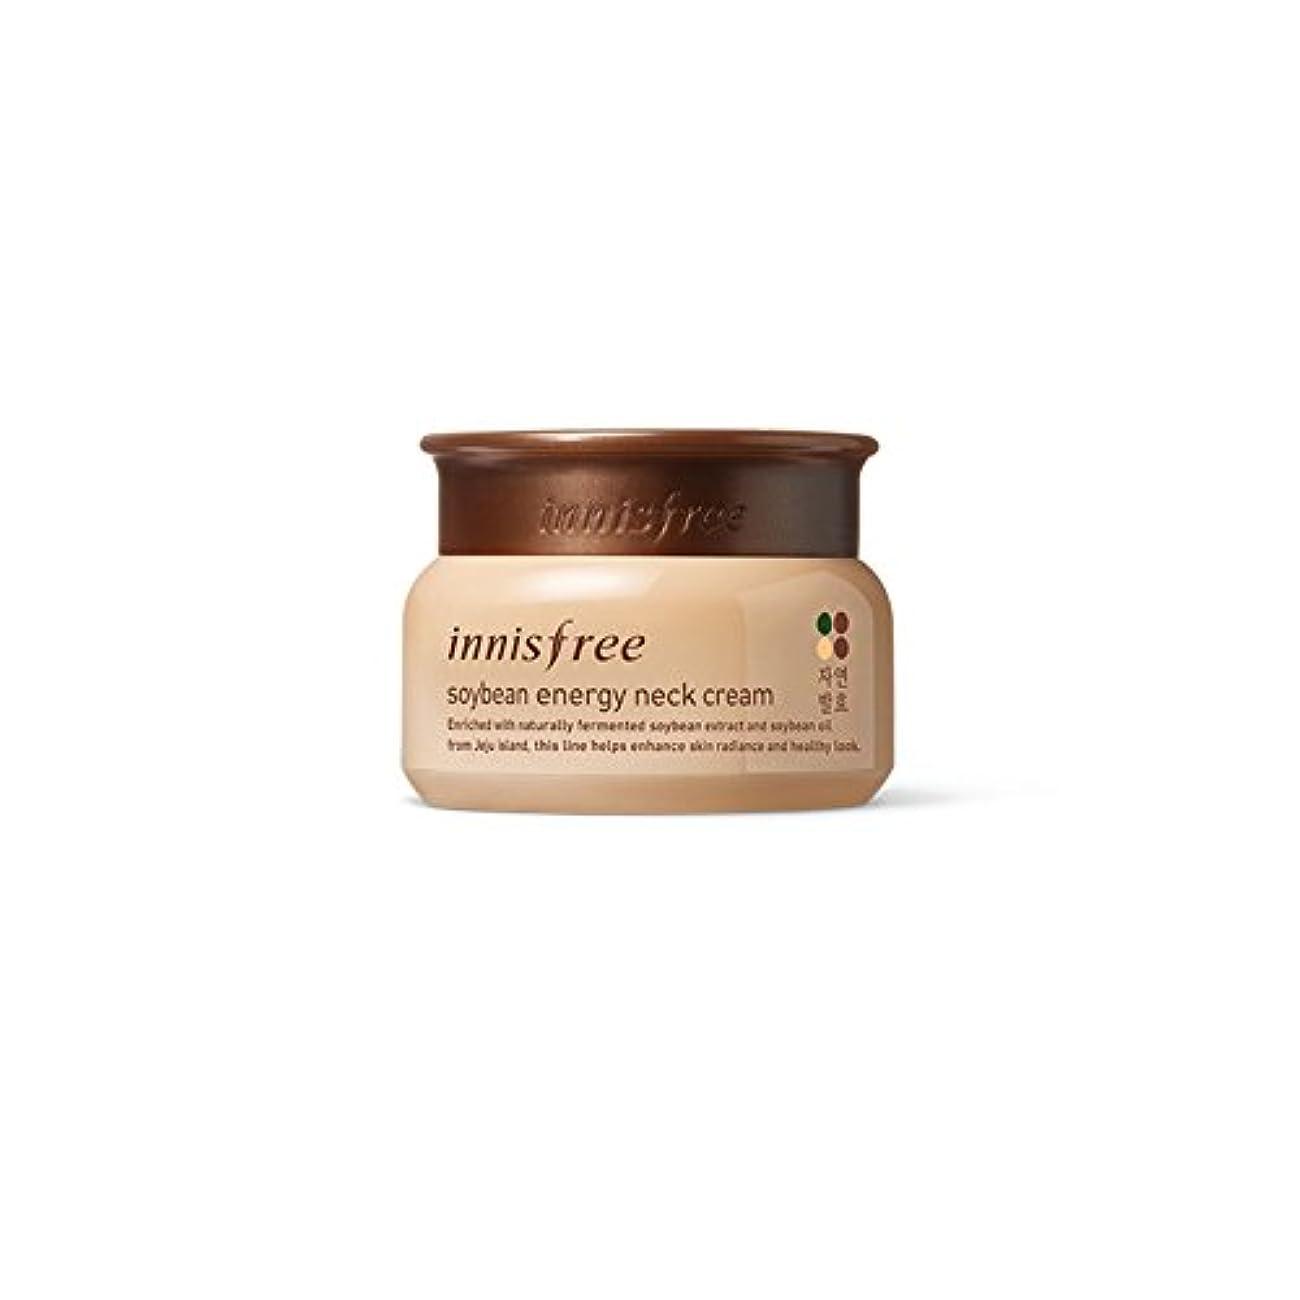 繰り返したルーキーボルト[イニスフリー] Innisfree 発酵大豆エネジネッククリーム (80ml) Innisfree Soy Bean Energy Neck Cream (80ml) [海外直送品]